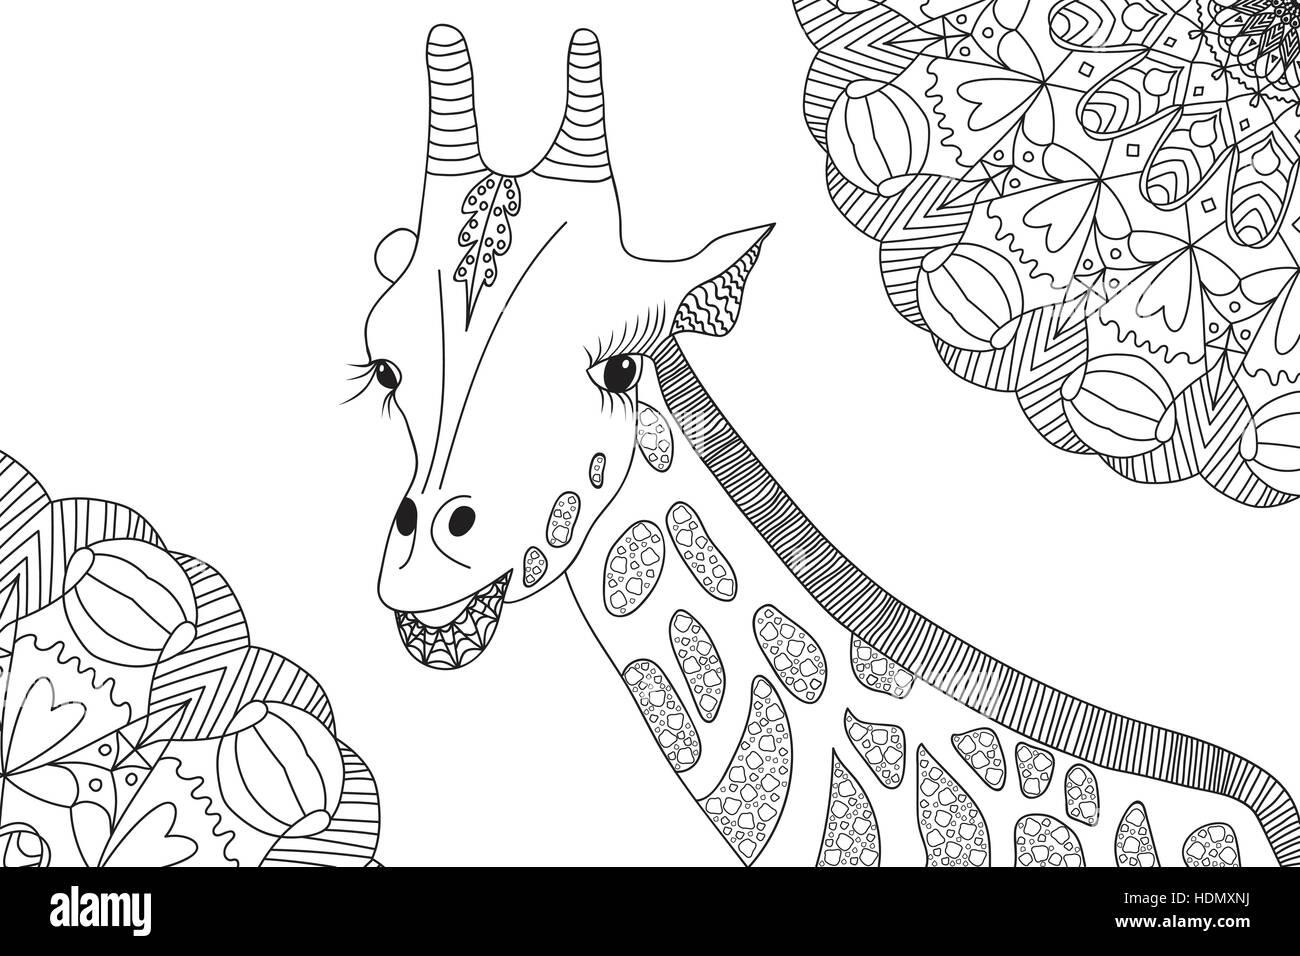 Ungewöhnlich Giraffe Malbuch Zeitgenössisch - Malvorlagen Von Tieren ...